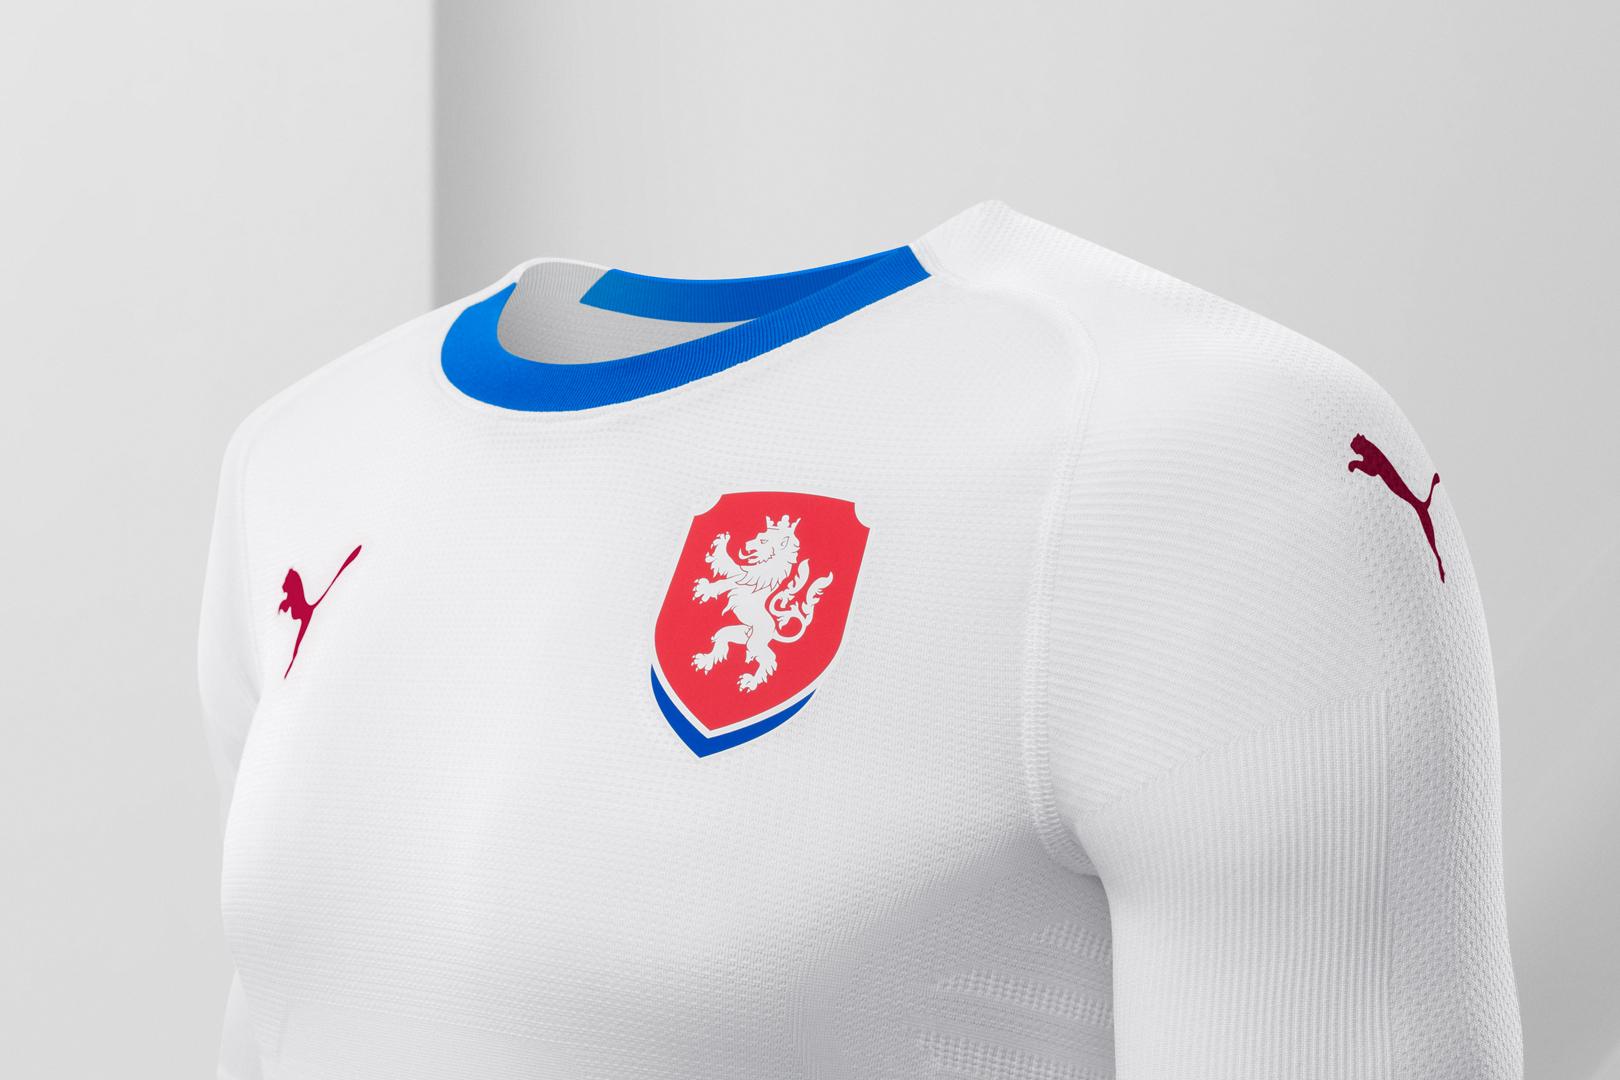 puma d voile les maillots ext rieurs de ses 4 nations qualifi es pour la coupe du monde 2018. Black Bedroom Furniture Sets. Home Design Ideas